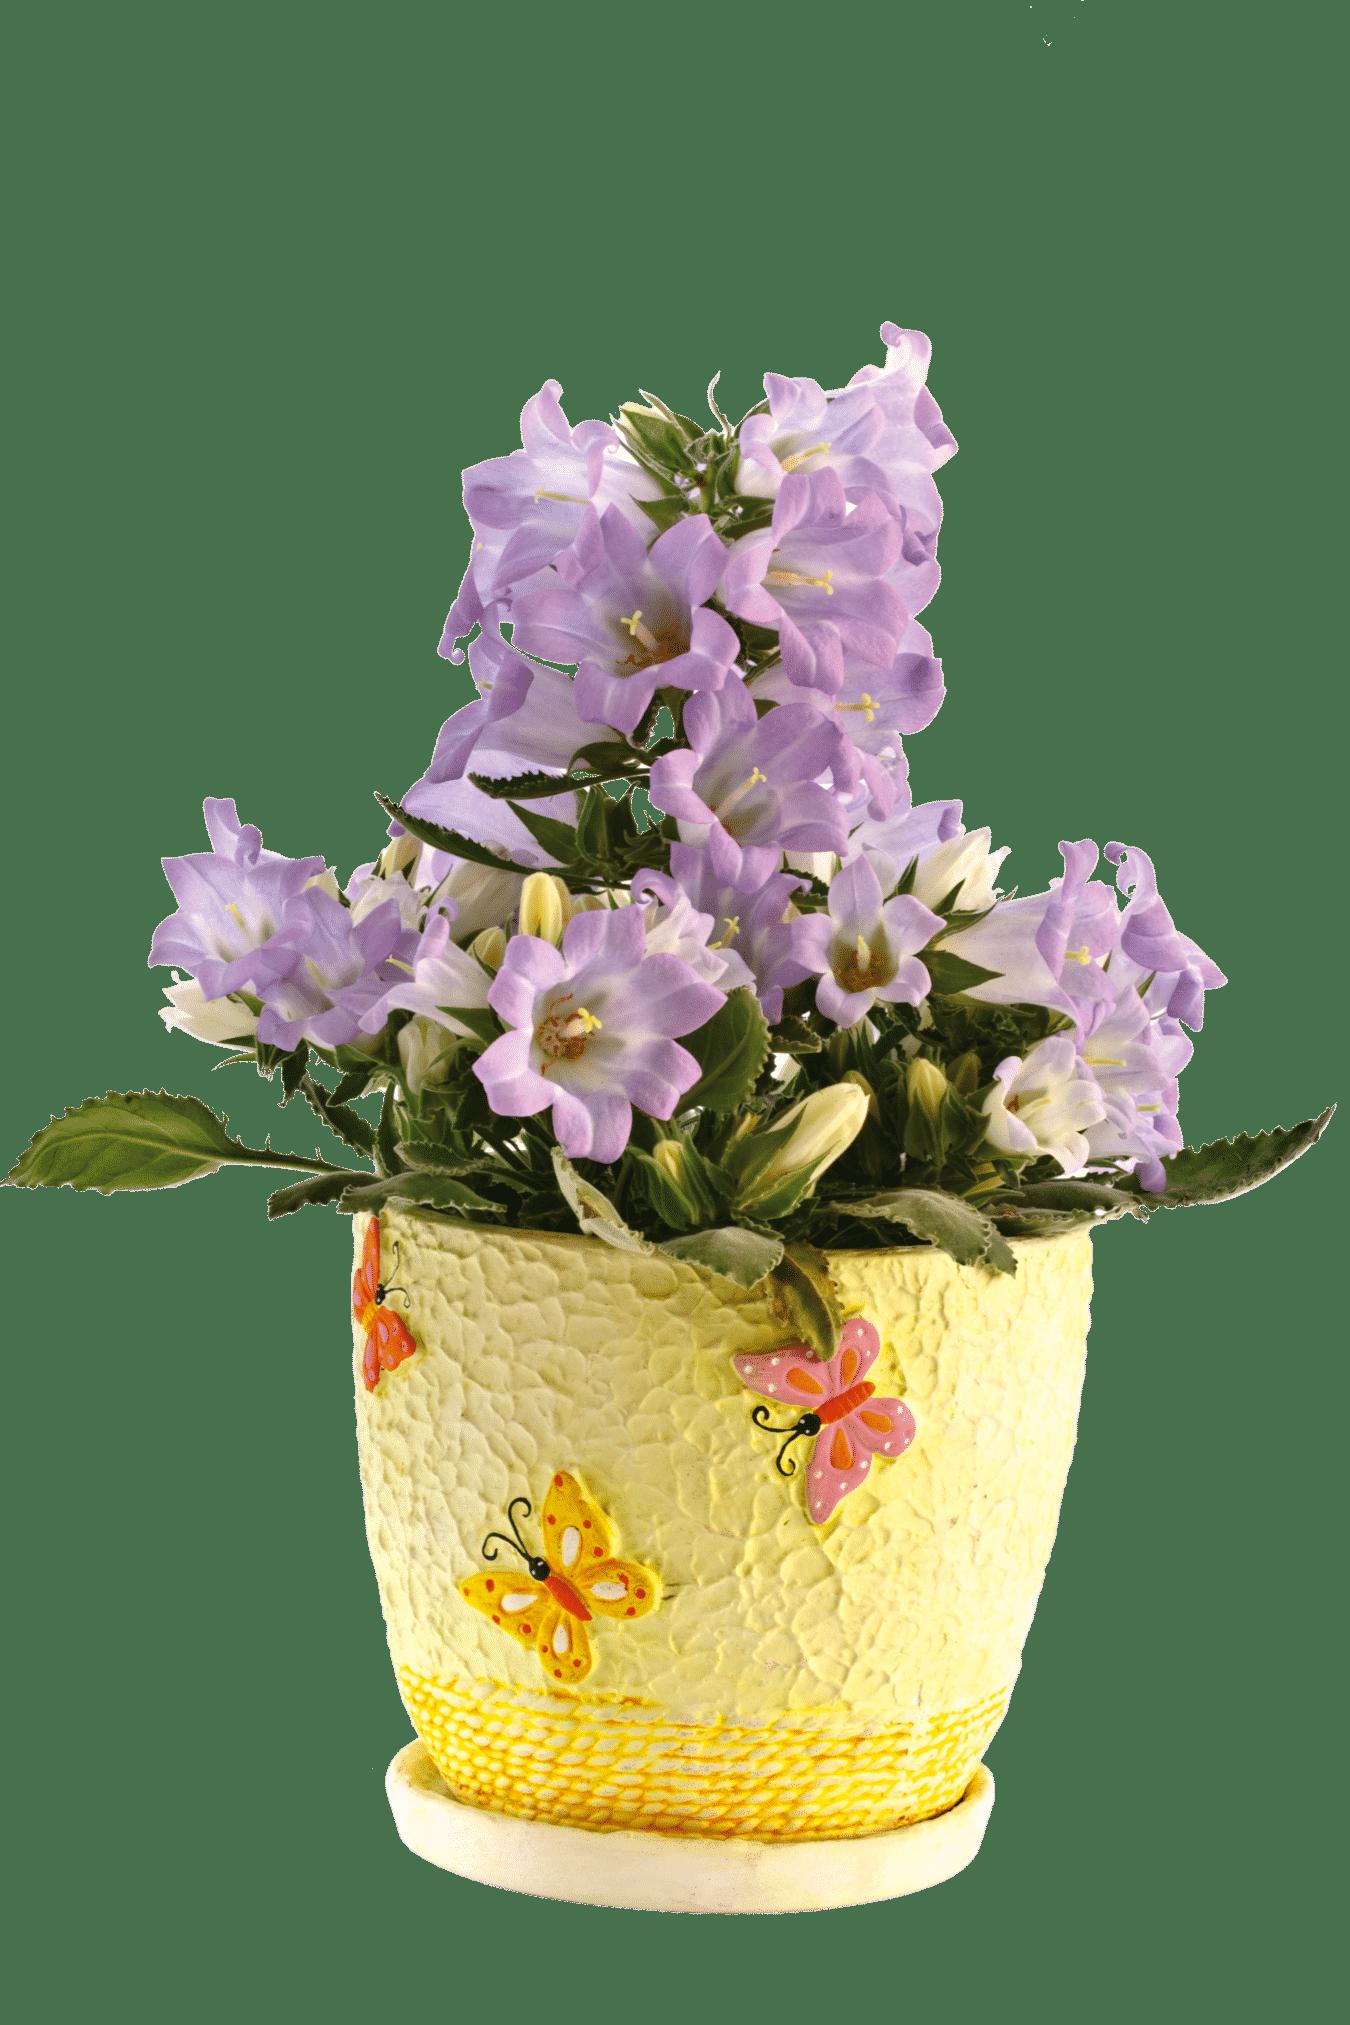 flor goivo shutterstock 75566746 Peredniankina - #SIMRetrô com Tita de Paula